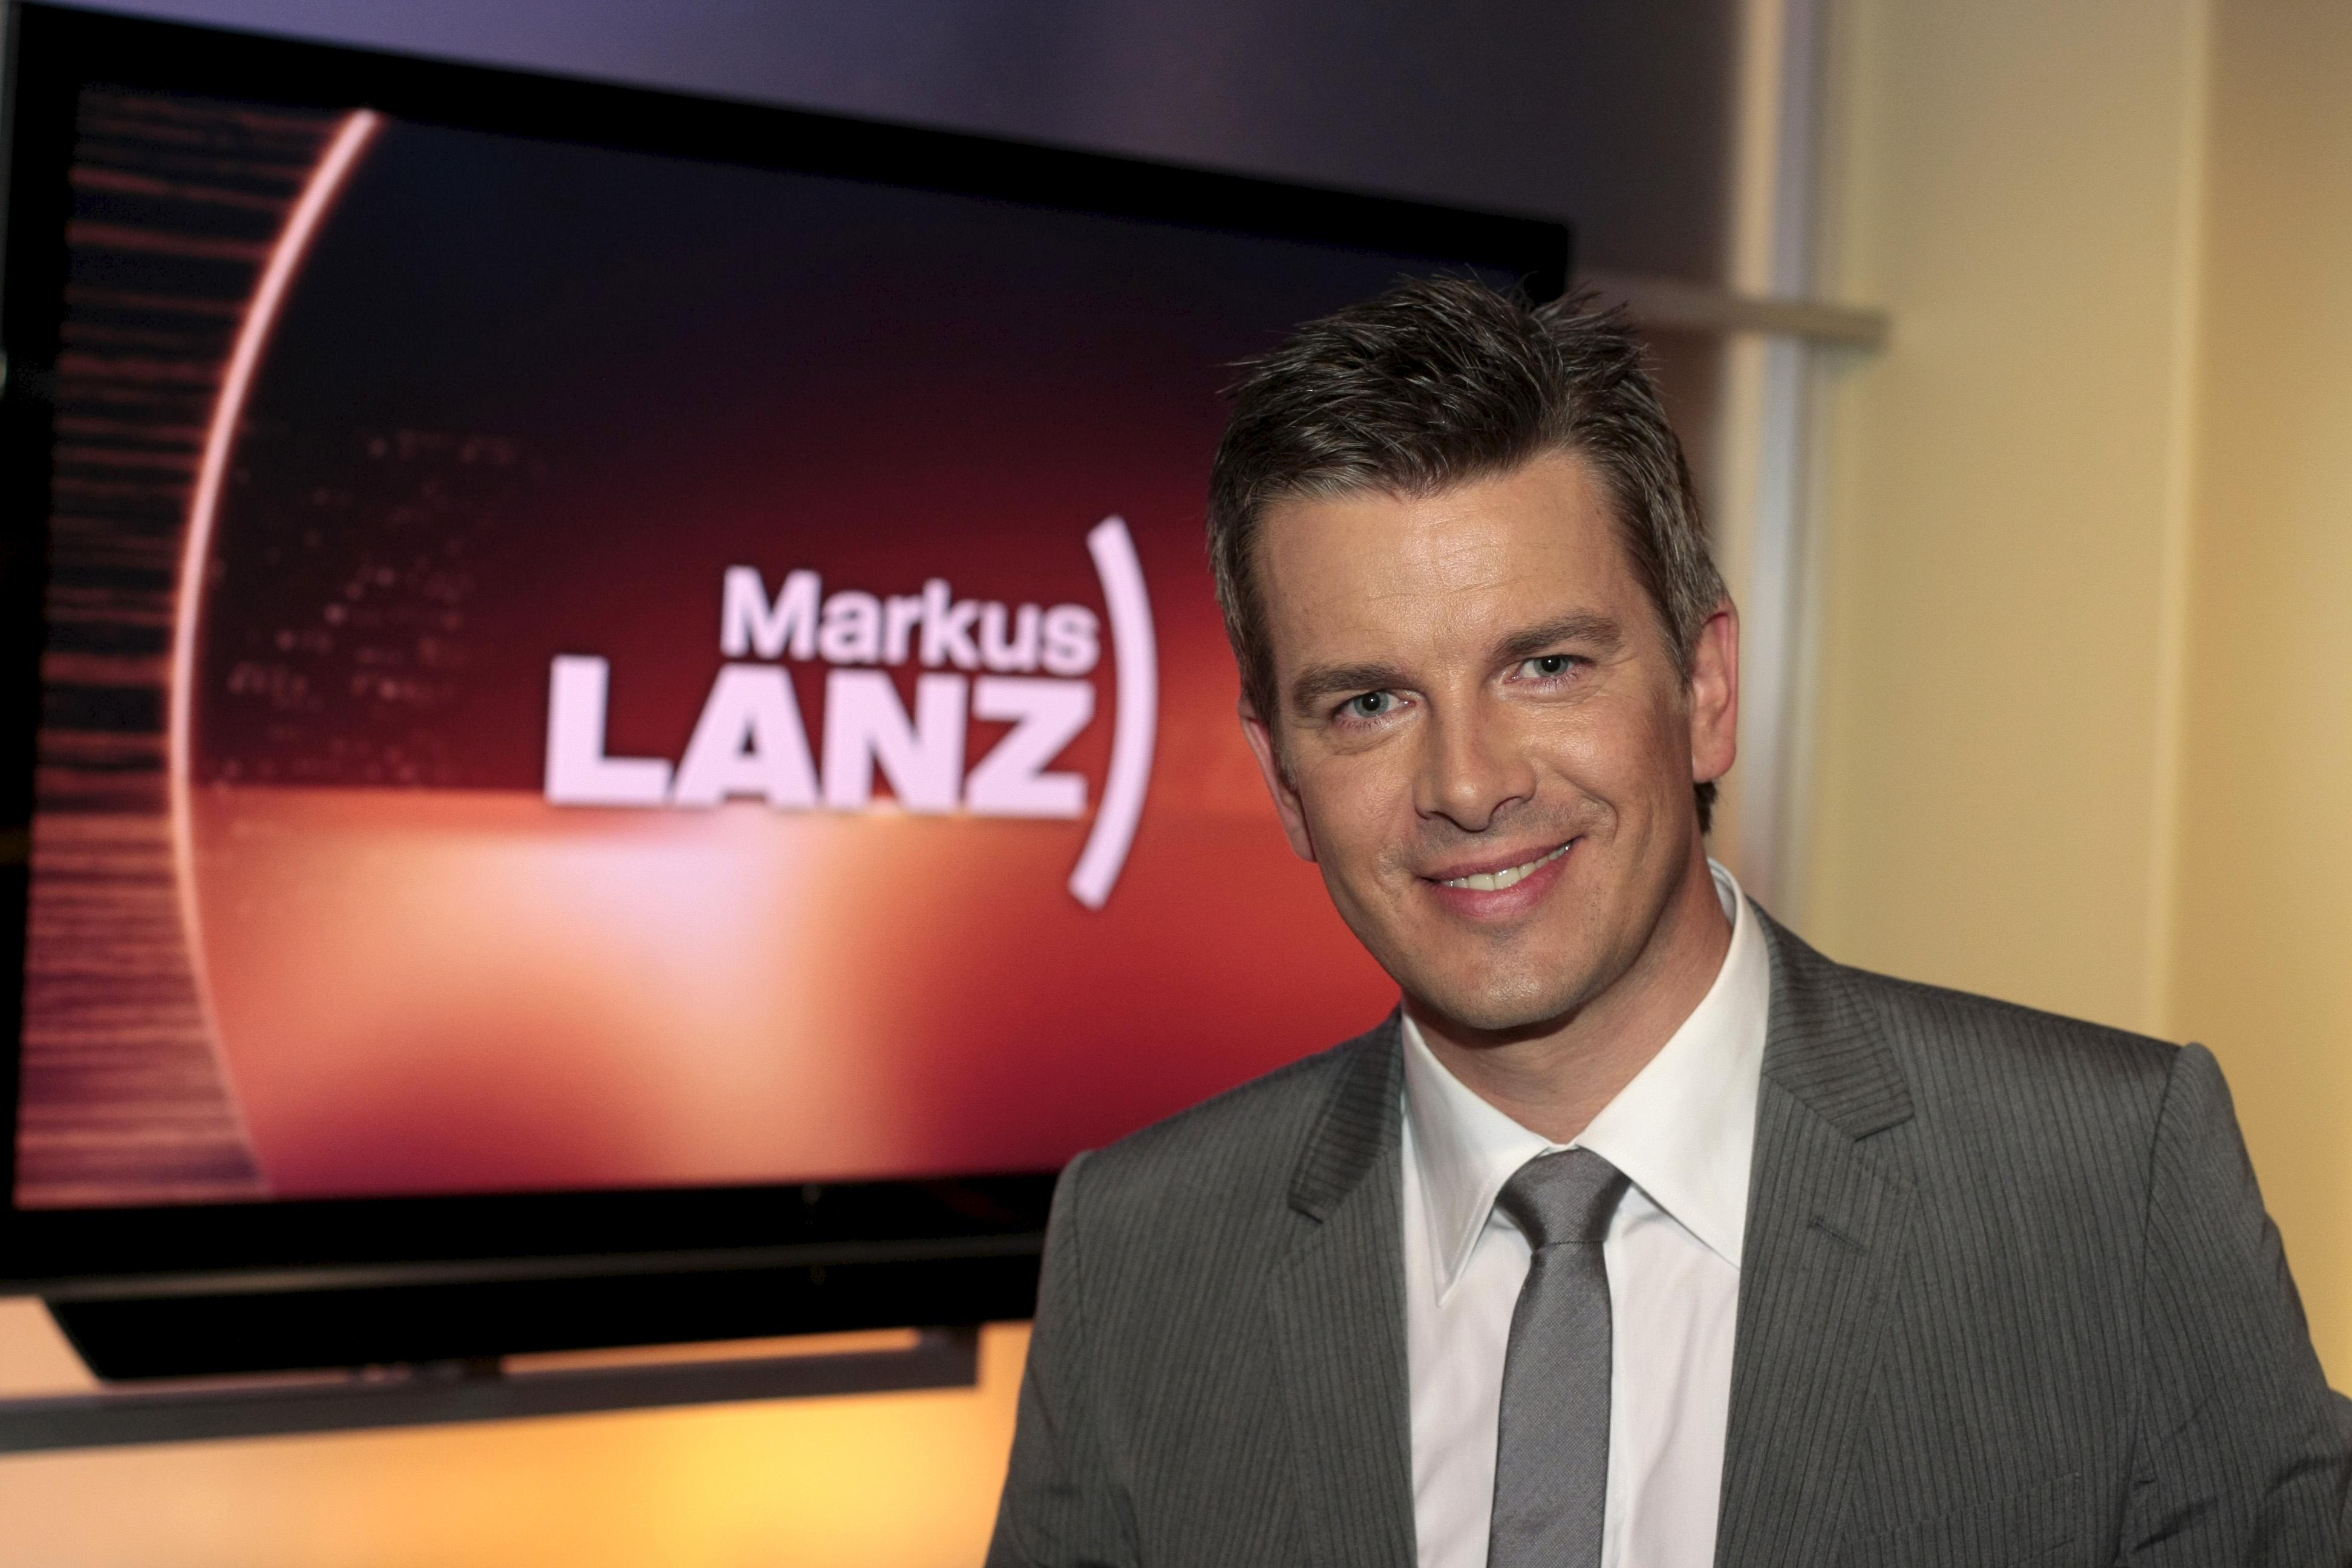 Markus Lanz begrüßt heute Abend diese Gäste im ZDF